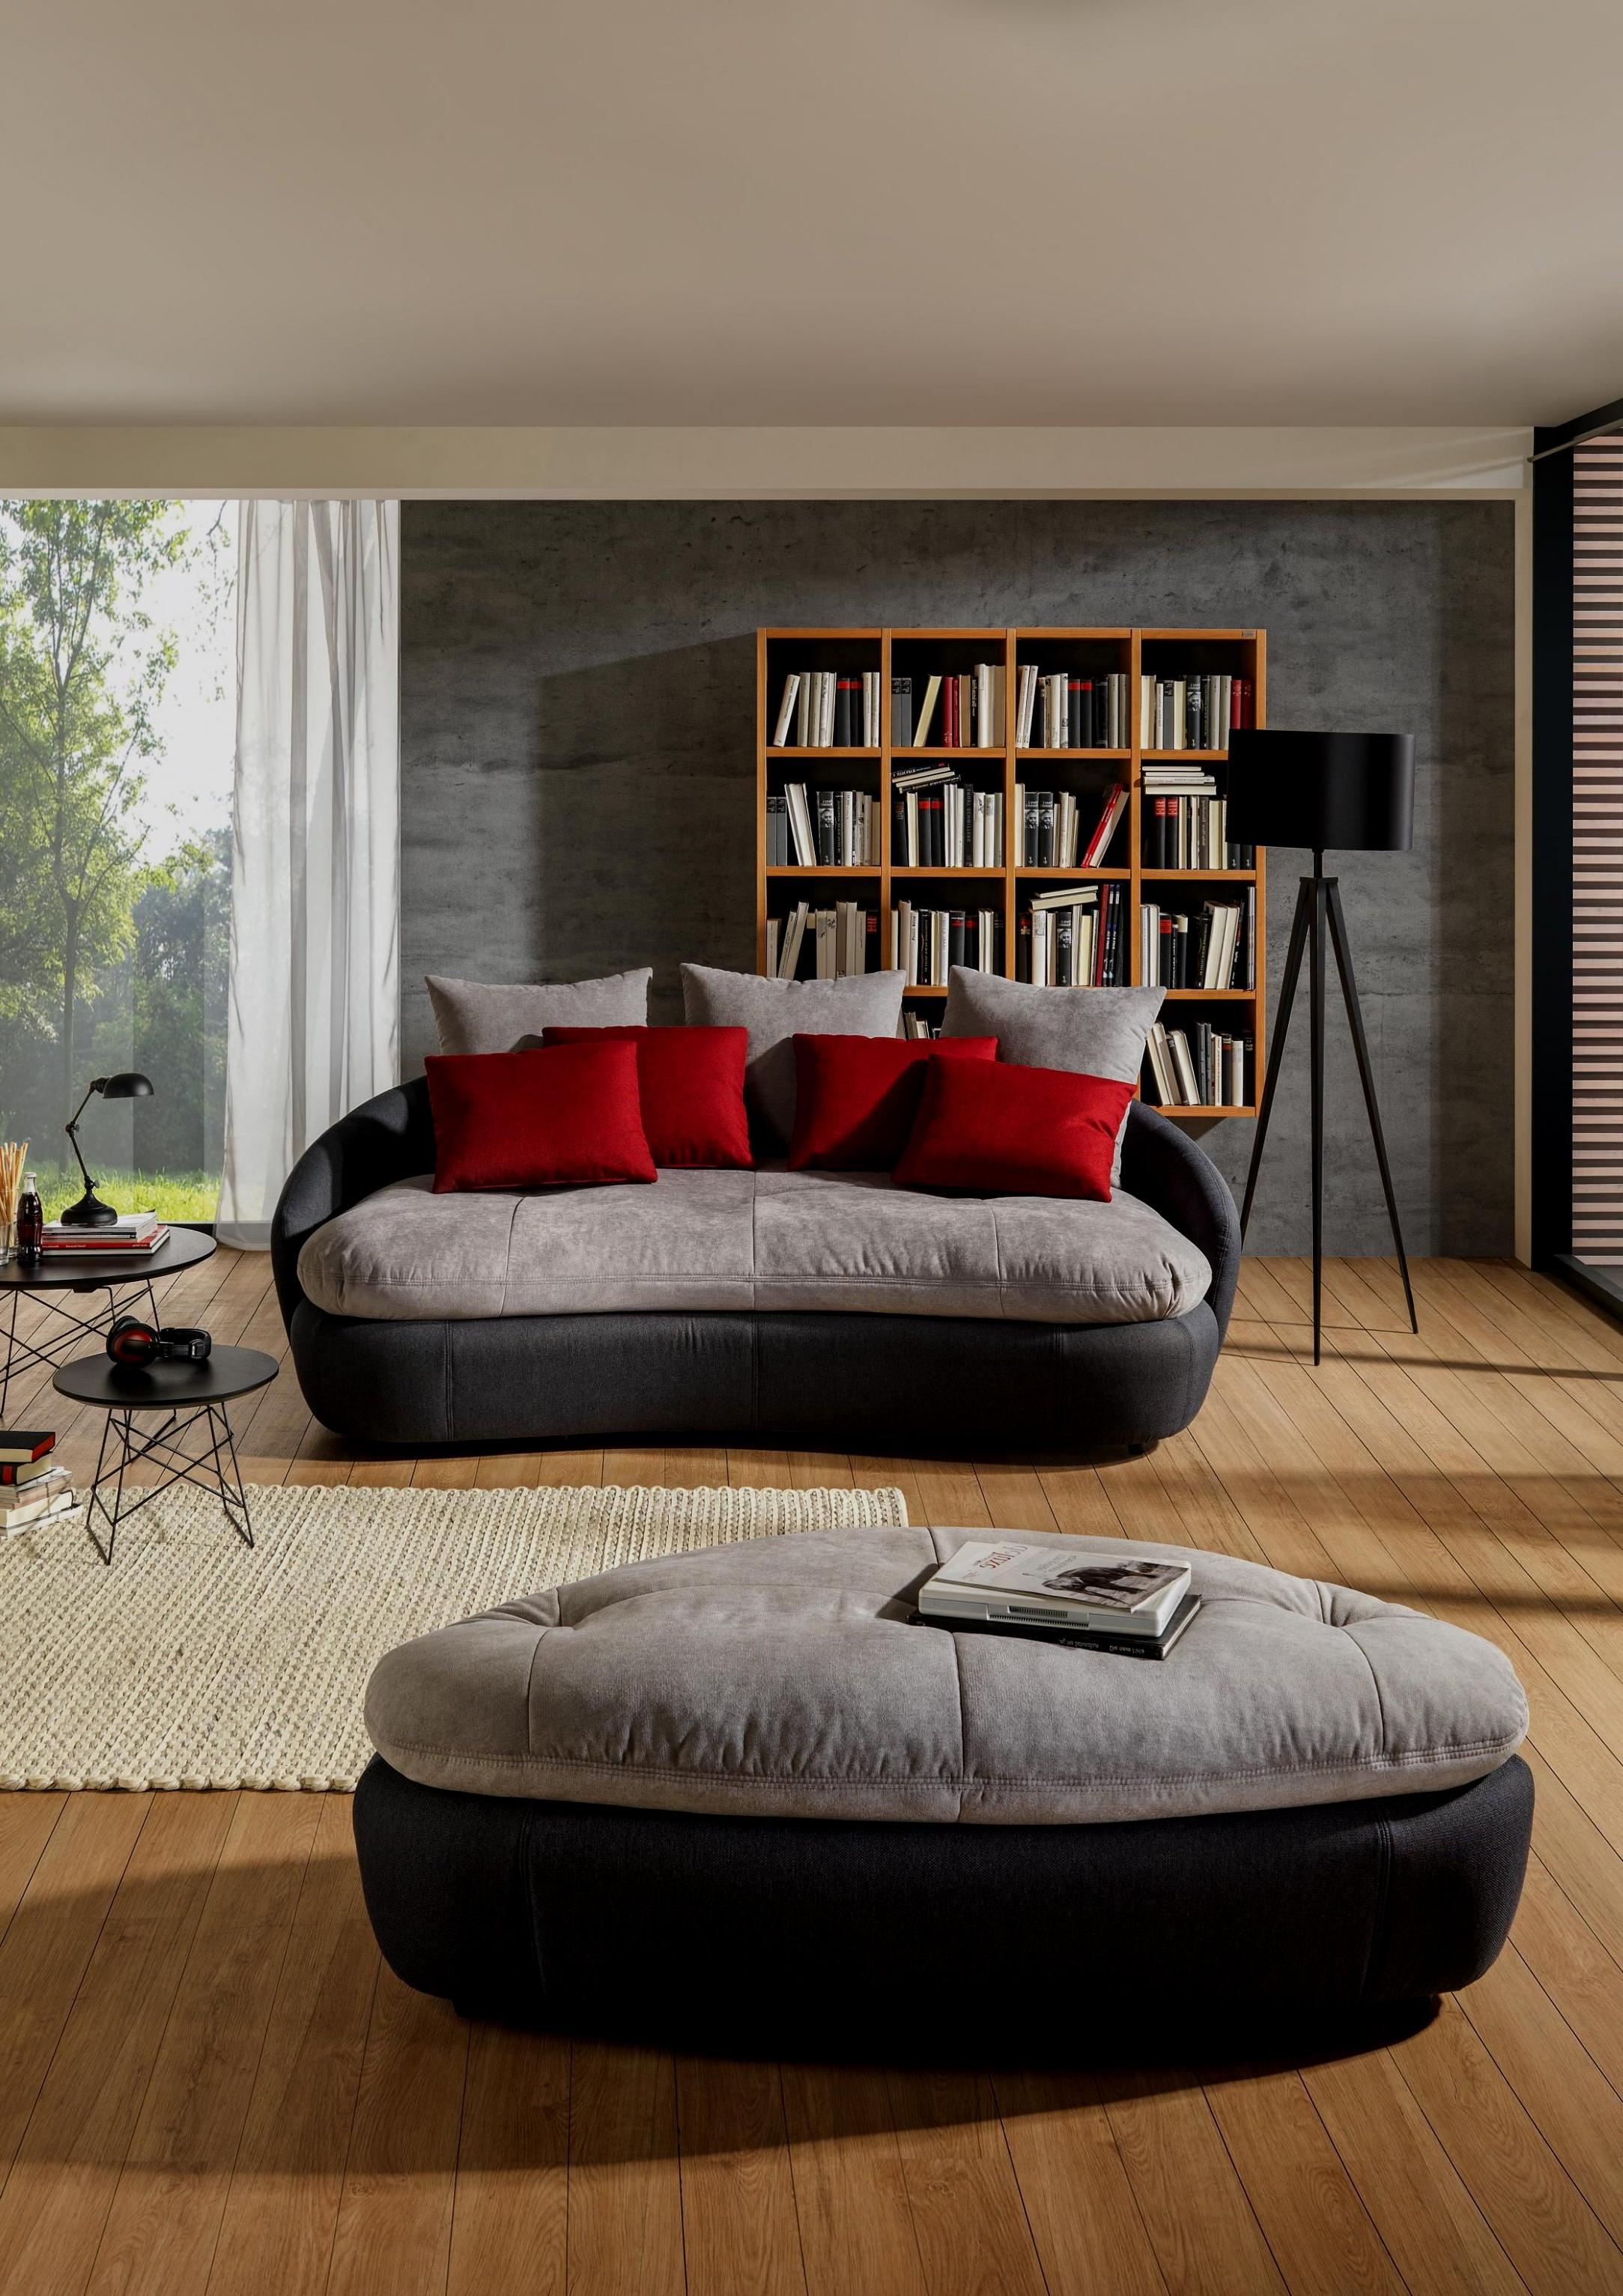 Venta De sofas Online Ftd8 Venta De sofas Online Grande Megasofa sofas Couches